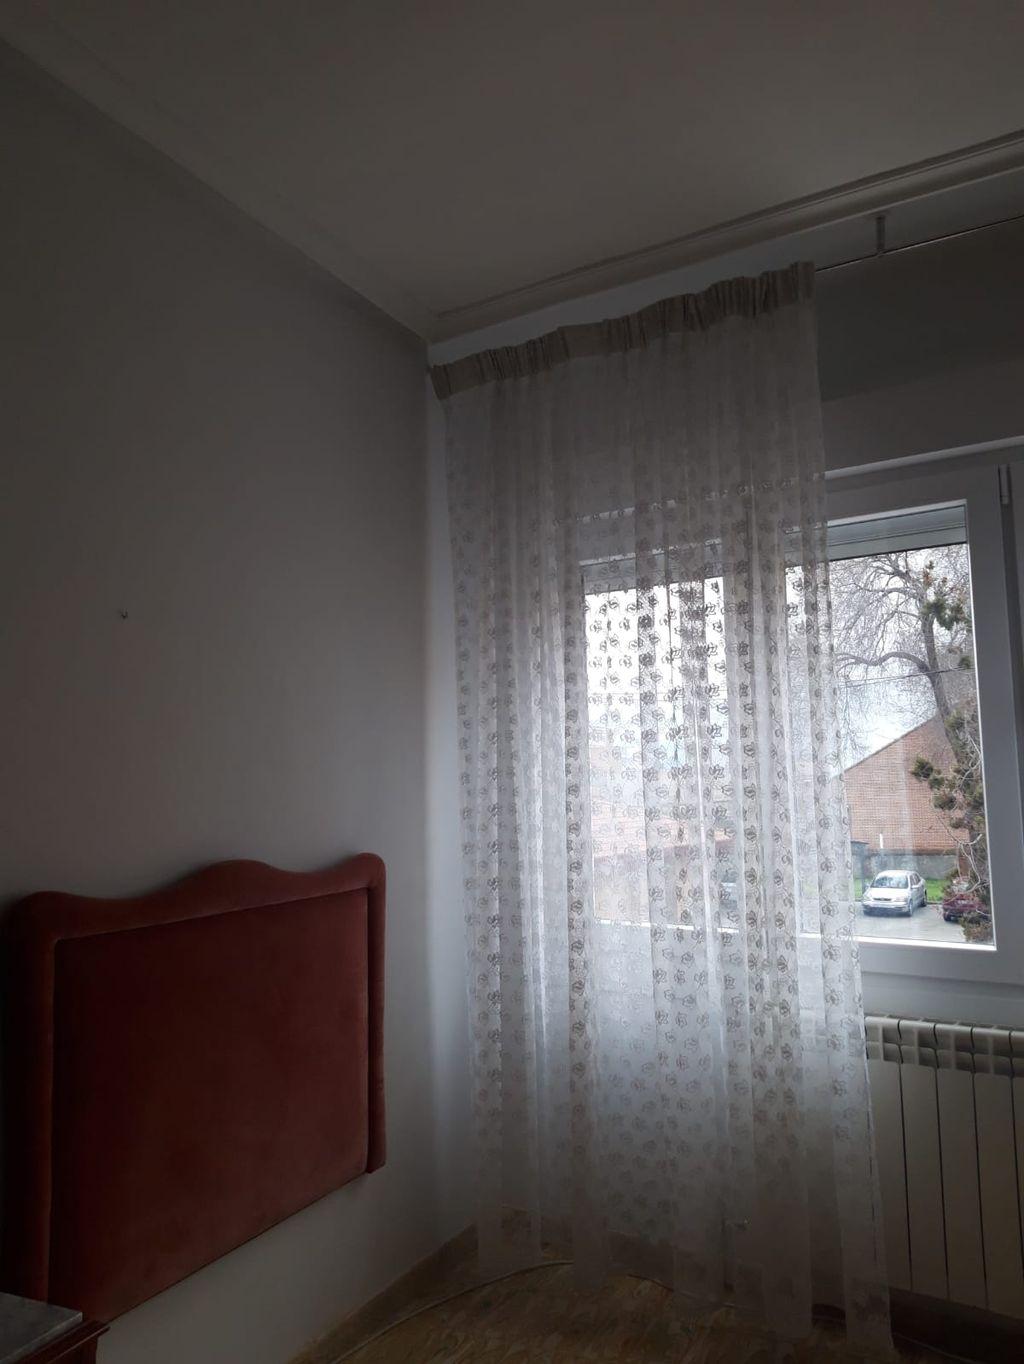 Casa en alquiler (Íscar, Valladolid)